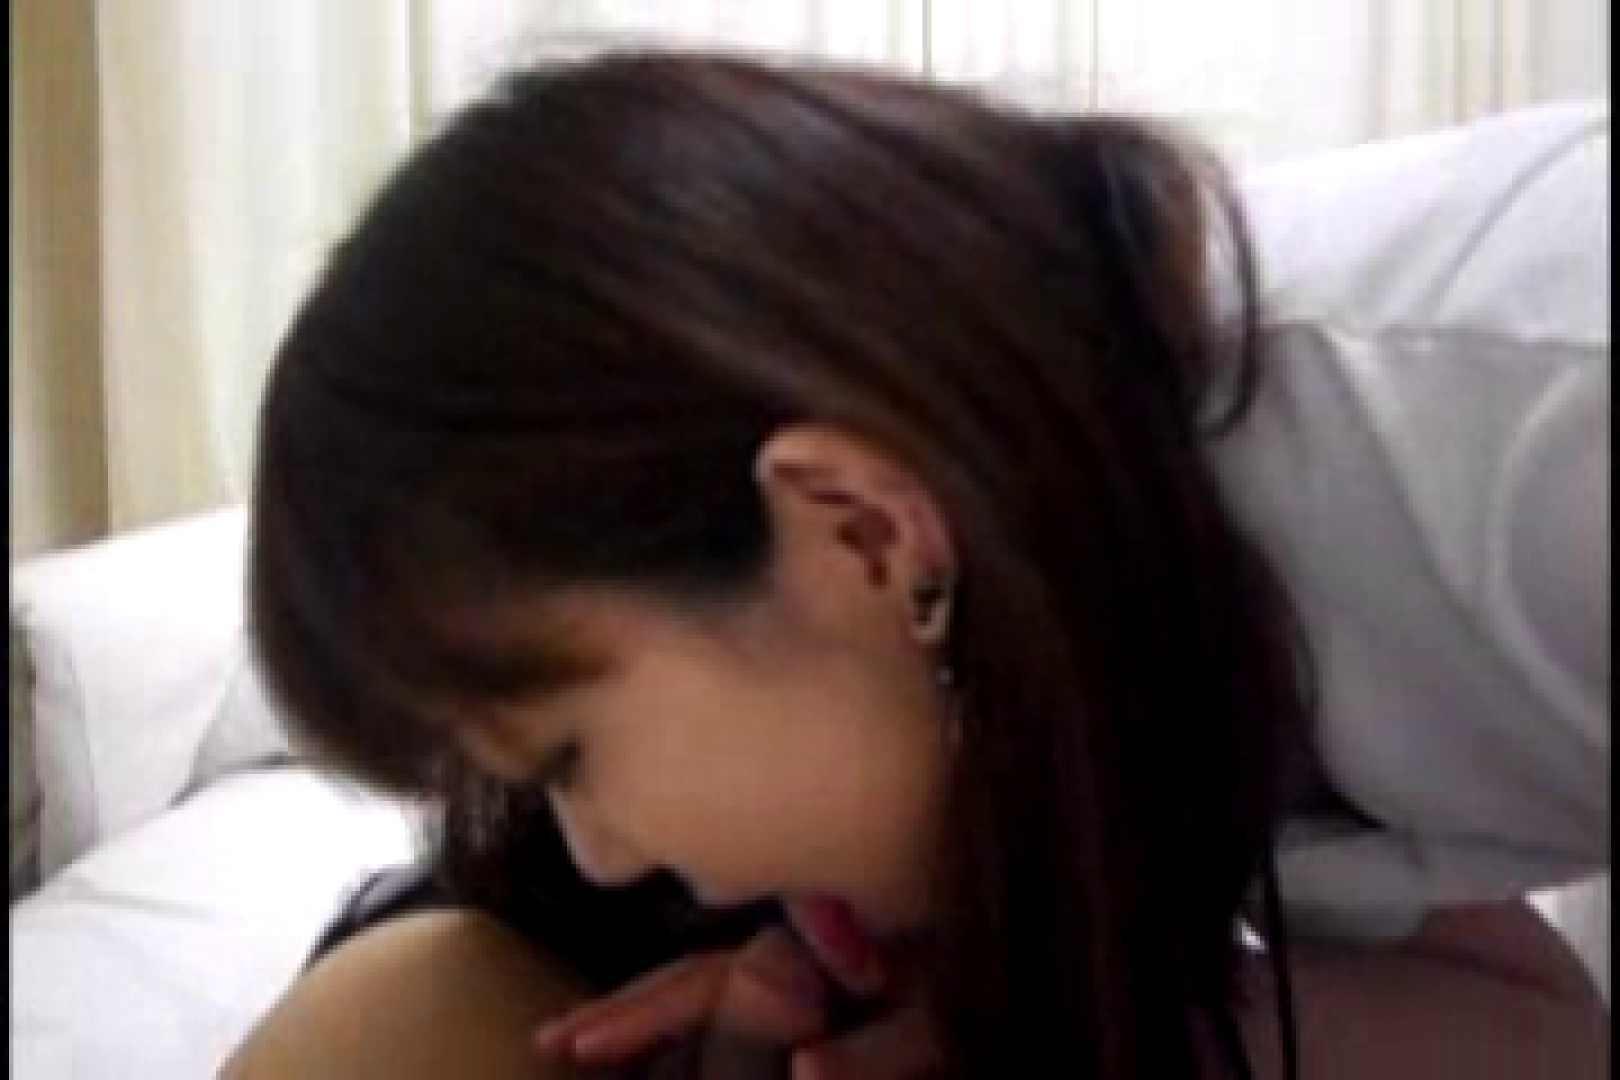 ヤリマンと呼ばれた看護士さんvol1 シックスナイン | フェラ  99枚 67